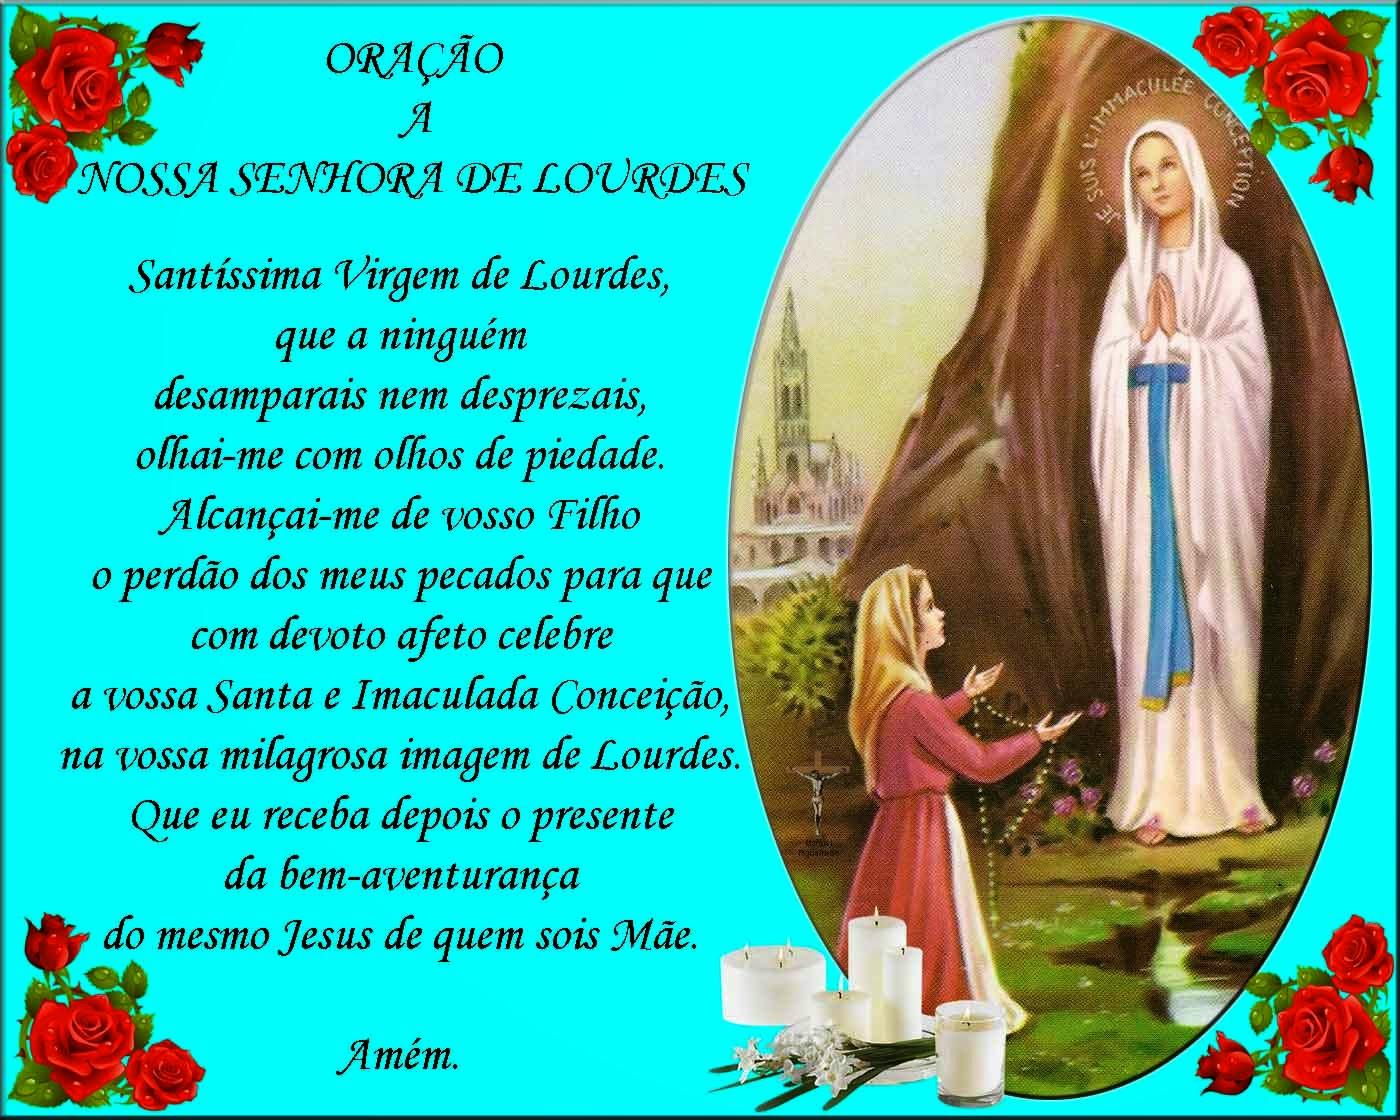 Orações Tradicionais Oração A Nossa Senhora De Lourdes